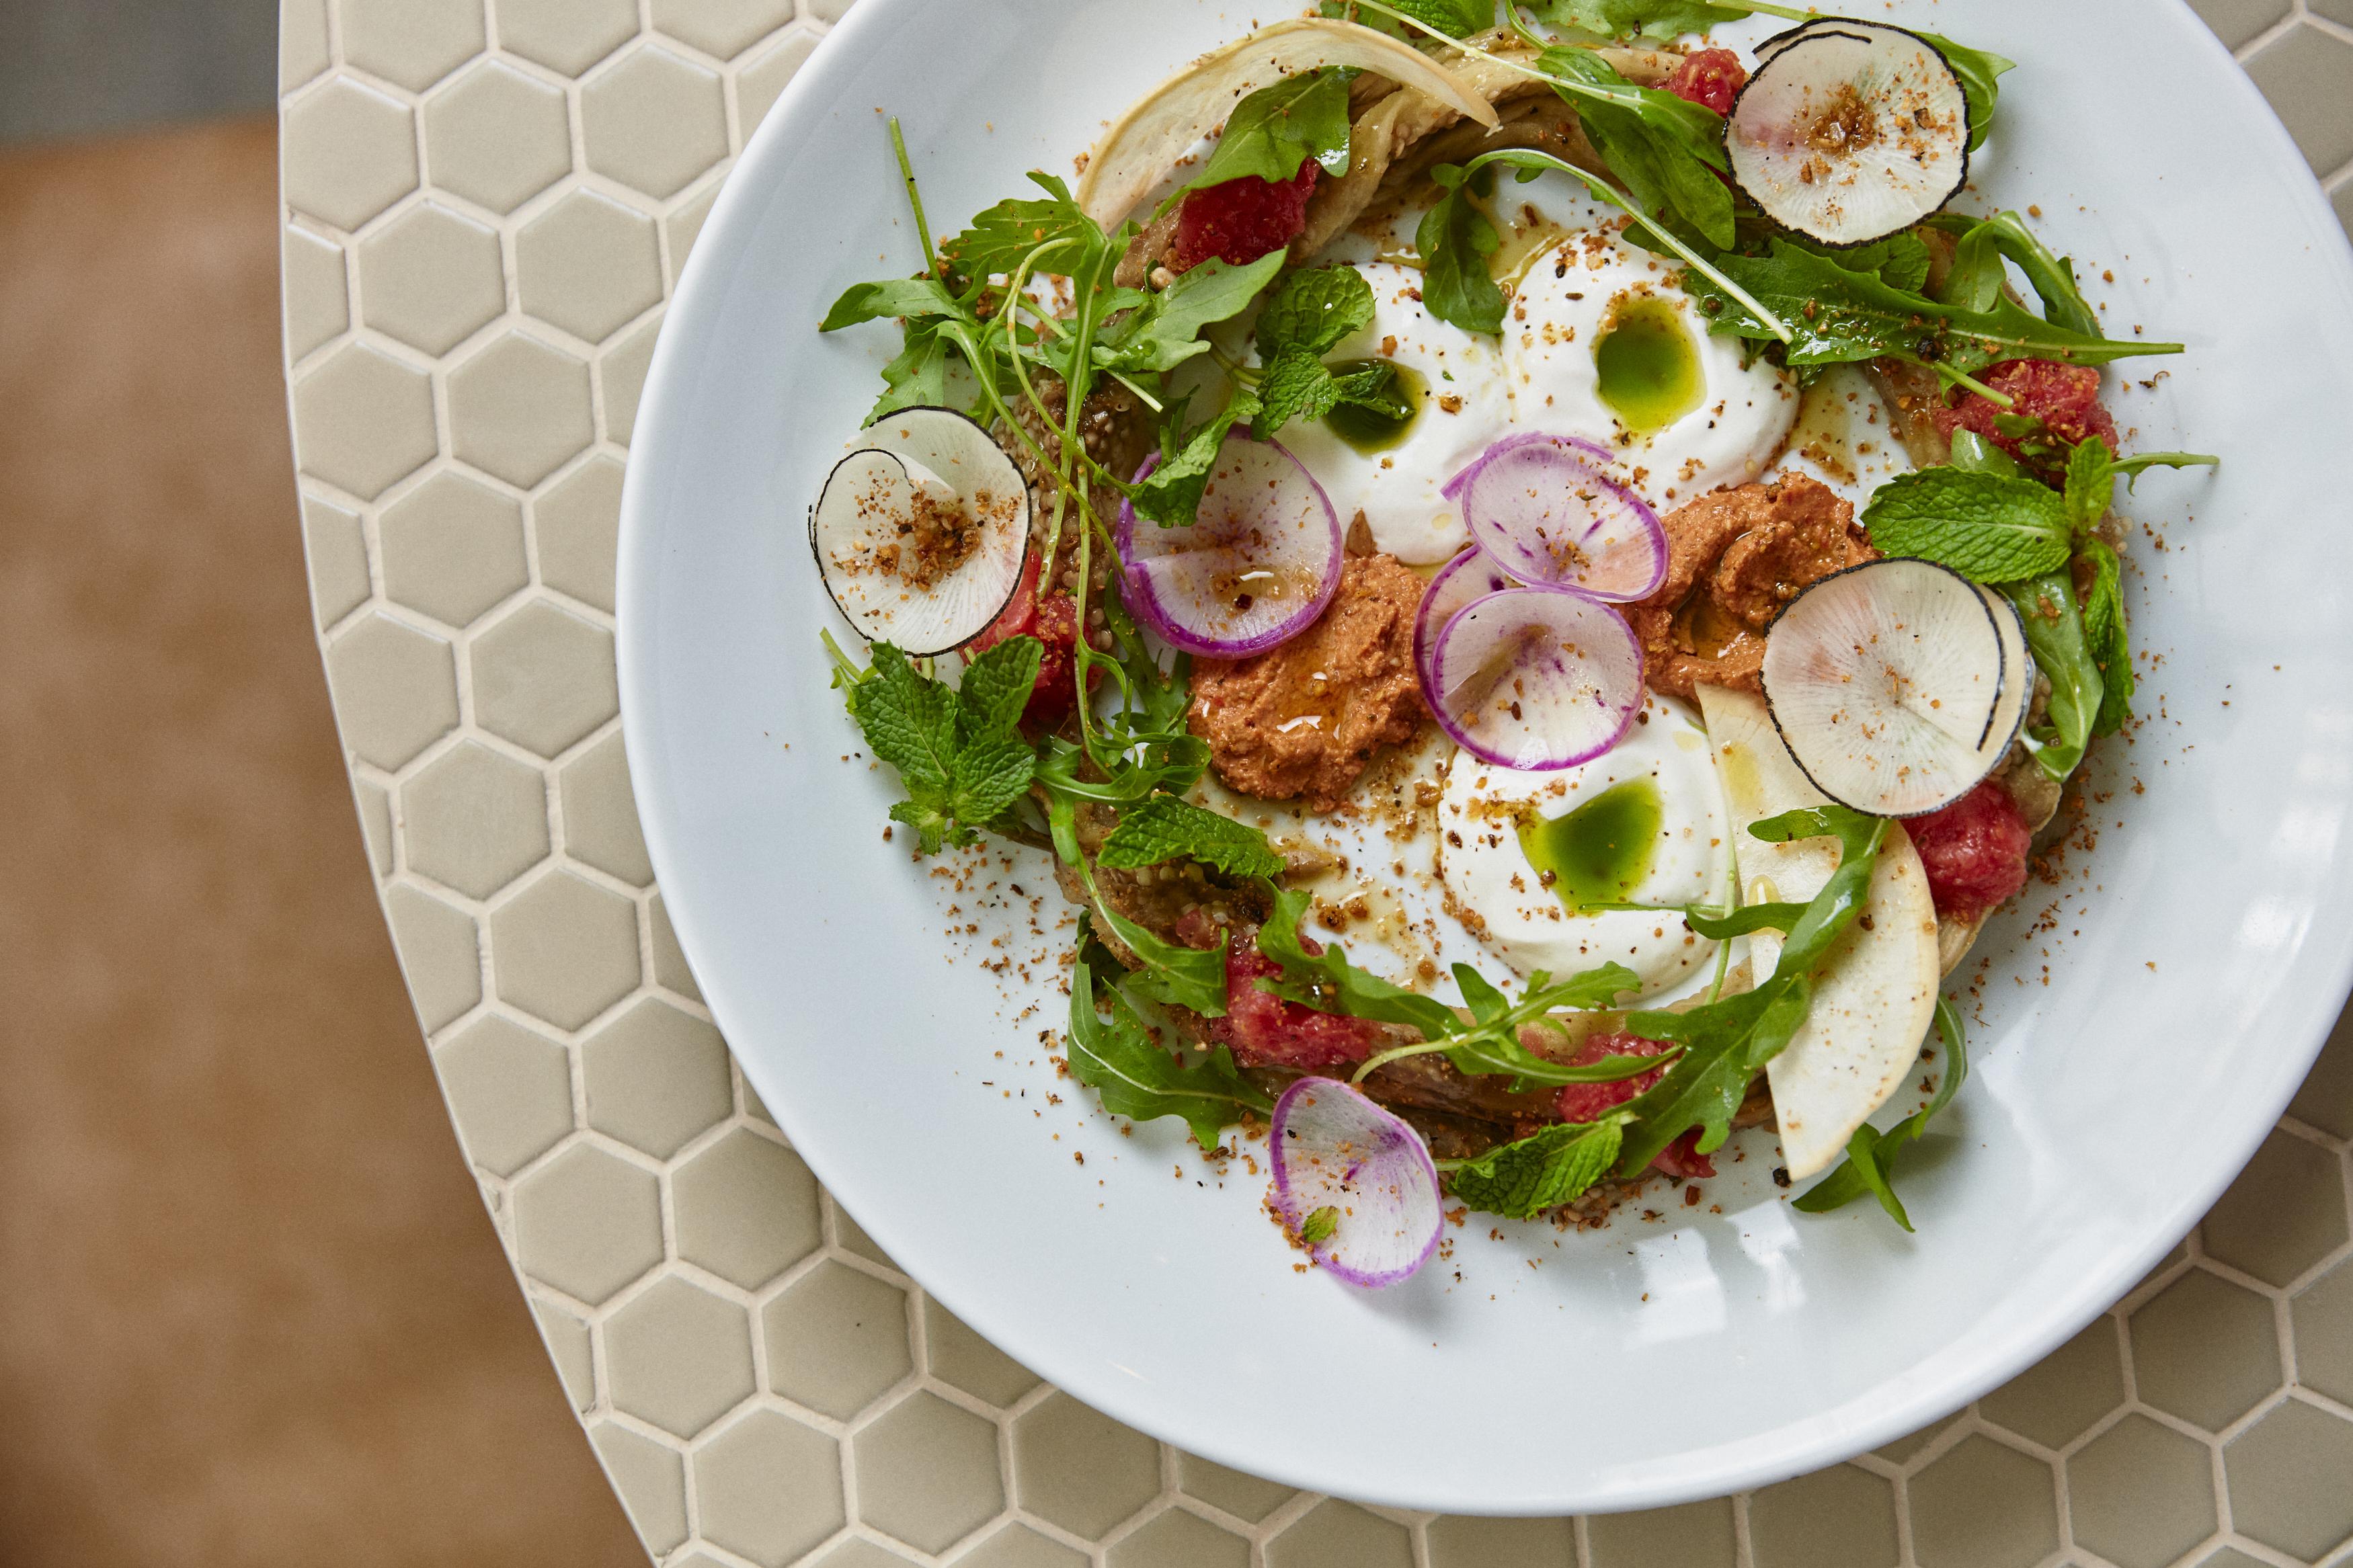 Prato de porcelana branco sobre ladrilhos hexagonais. Salada com folhas de hortelã, rabanetes em formatos de flores, coalhada, folhas de minirrúcula, pasta de pimentão vermelho e nozes coberta por sementes.